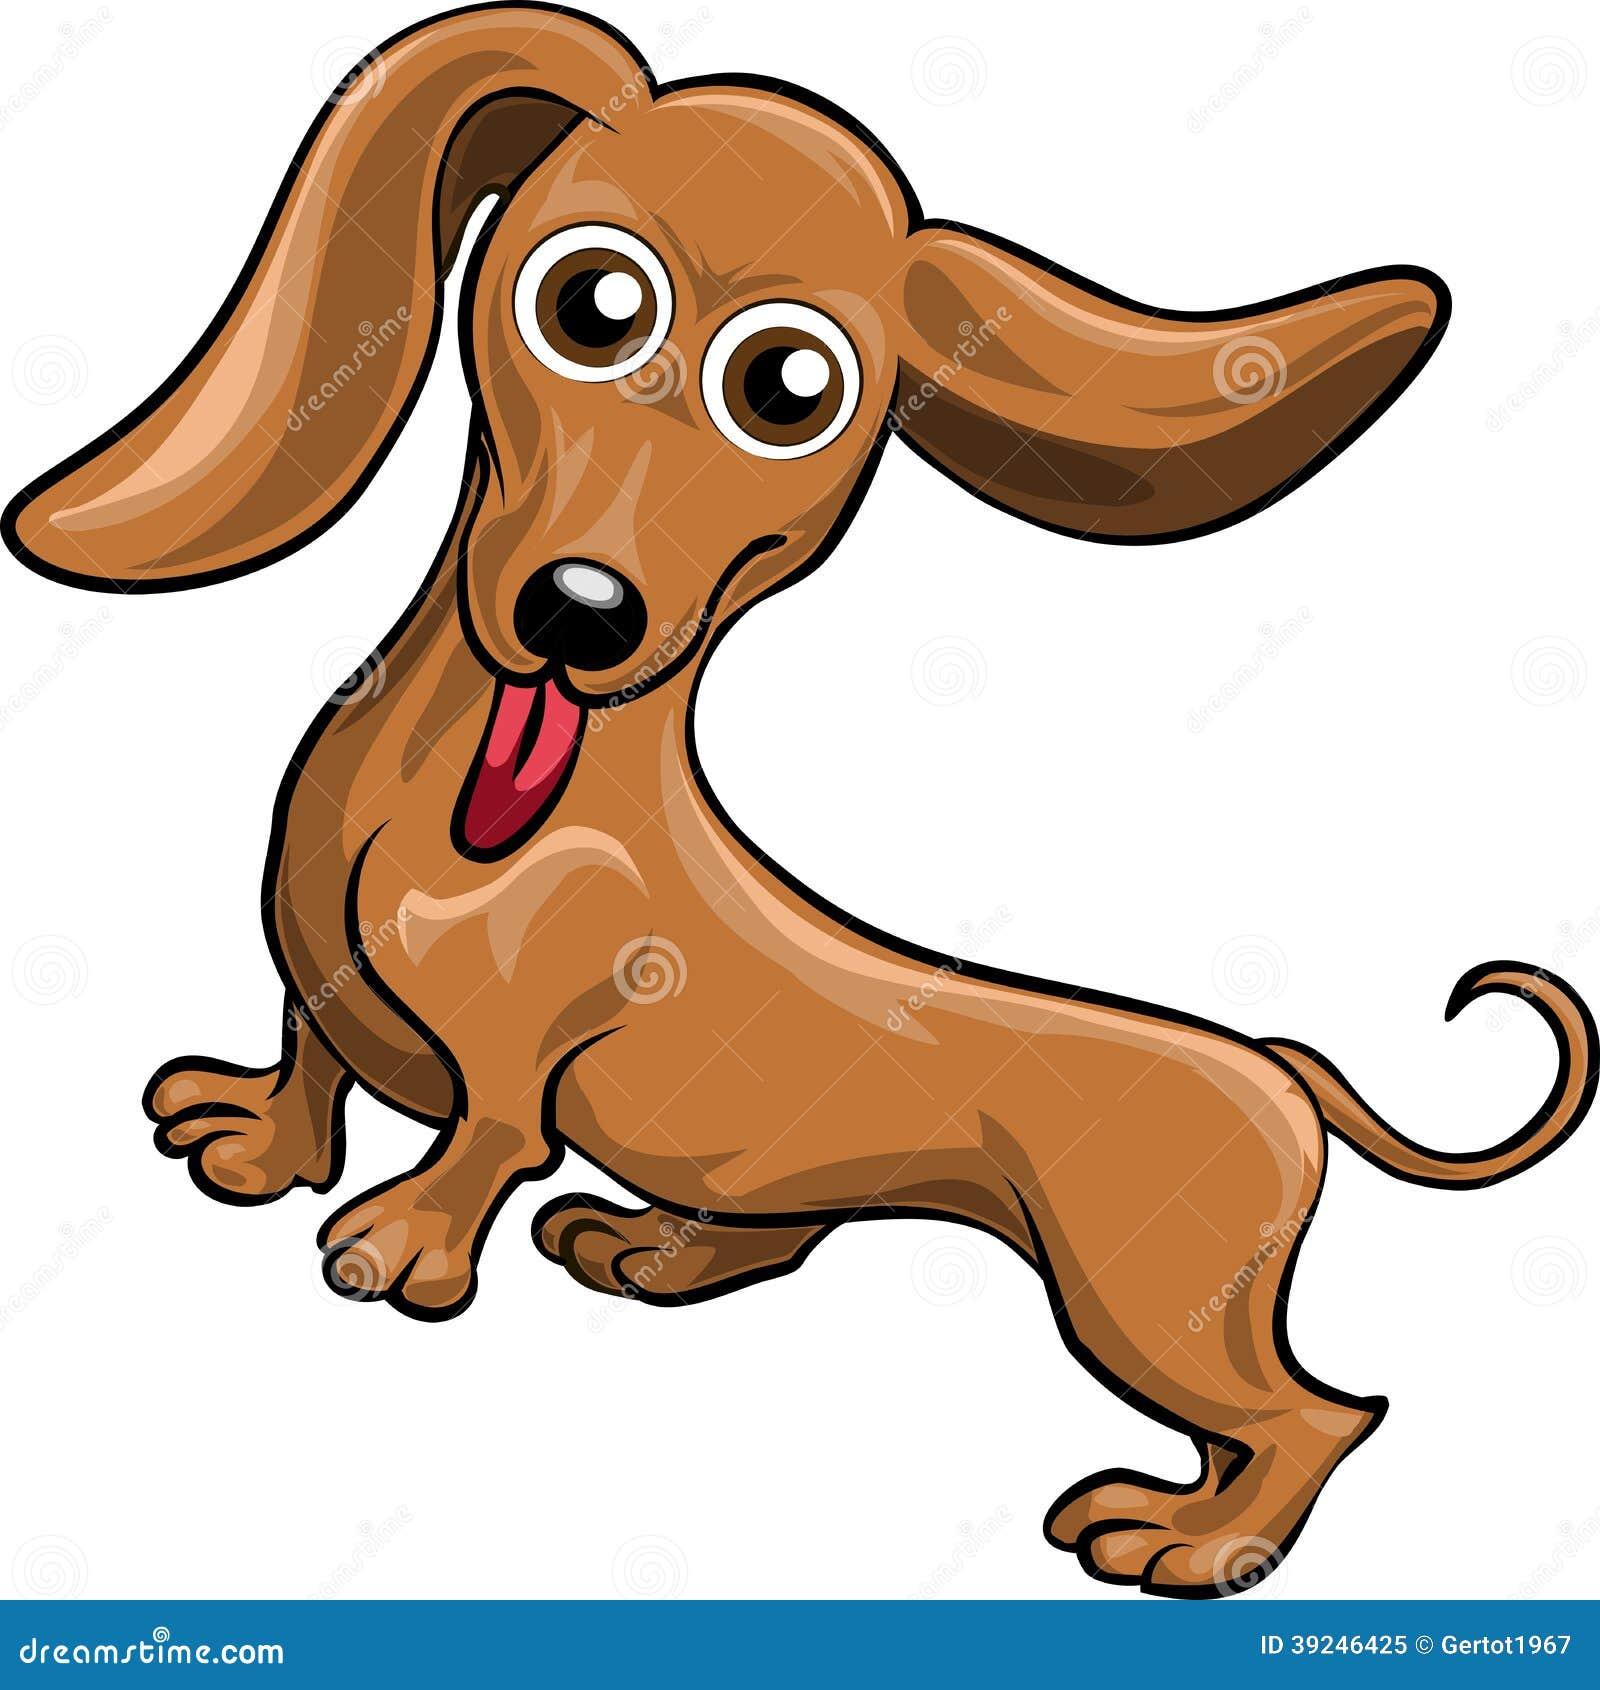 how to draw a weenie dog